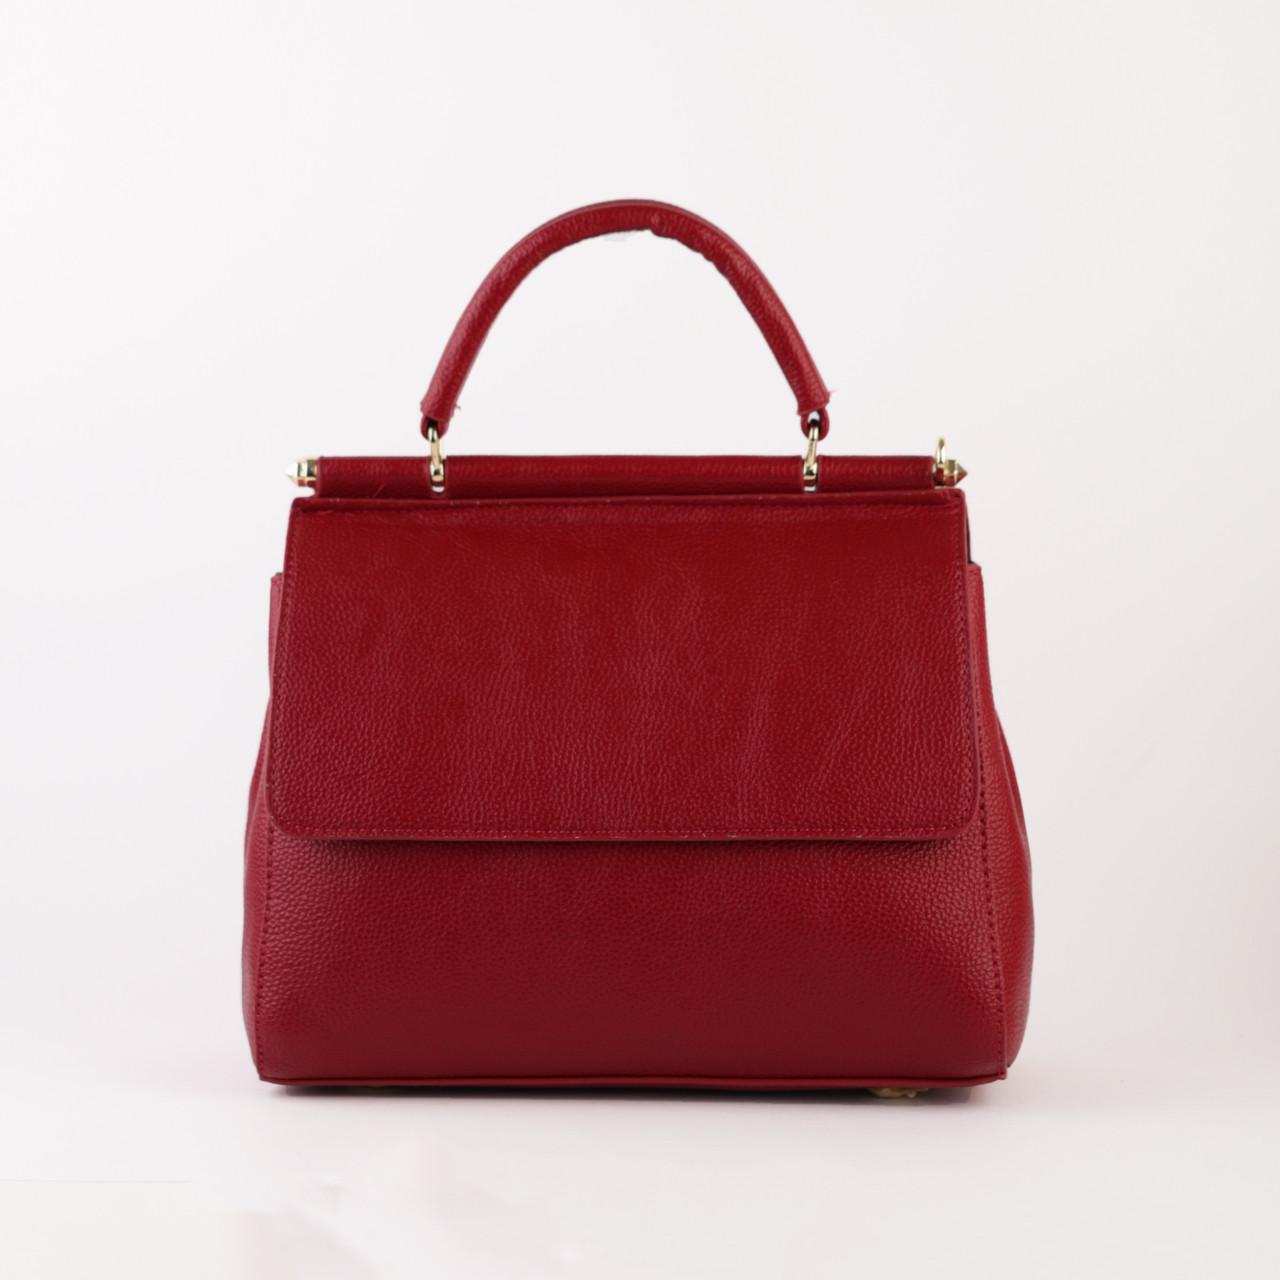 cb81c2d86453 Кожаная женская сумка красная среднего размера, цена 1 348,20 грн., купить  в Киеве — Prom.ua (ID#806362688)